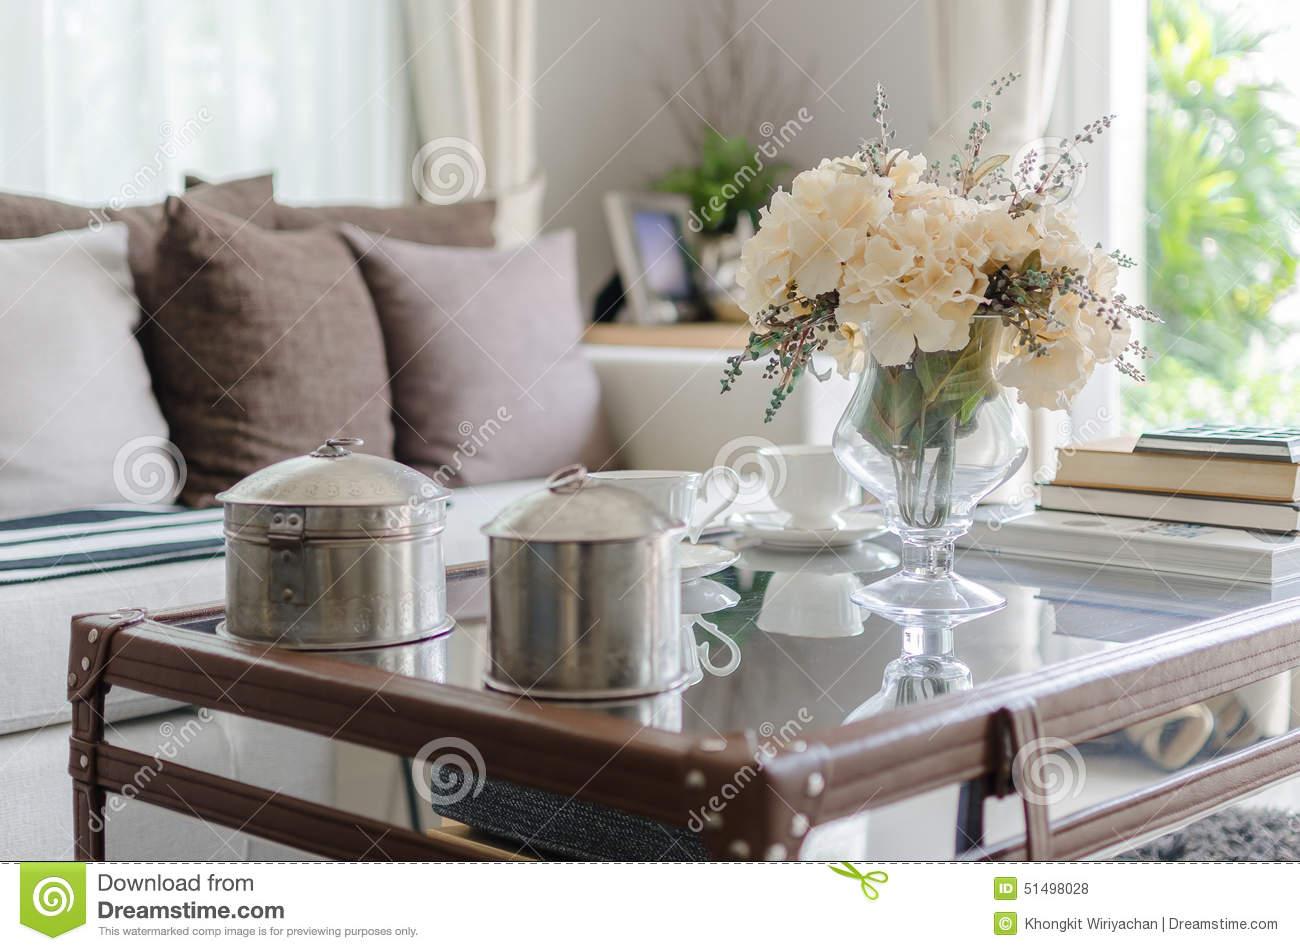 50 Hiasan Bunga Di Ruangan Tamu Minimalis Dan Klasik Pekanbaru Interior